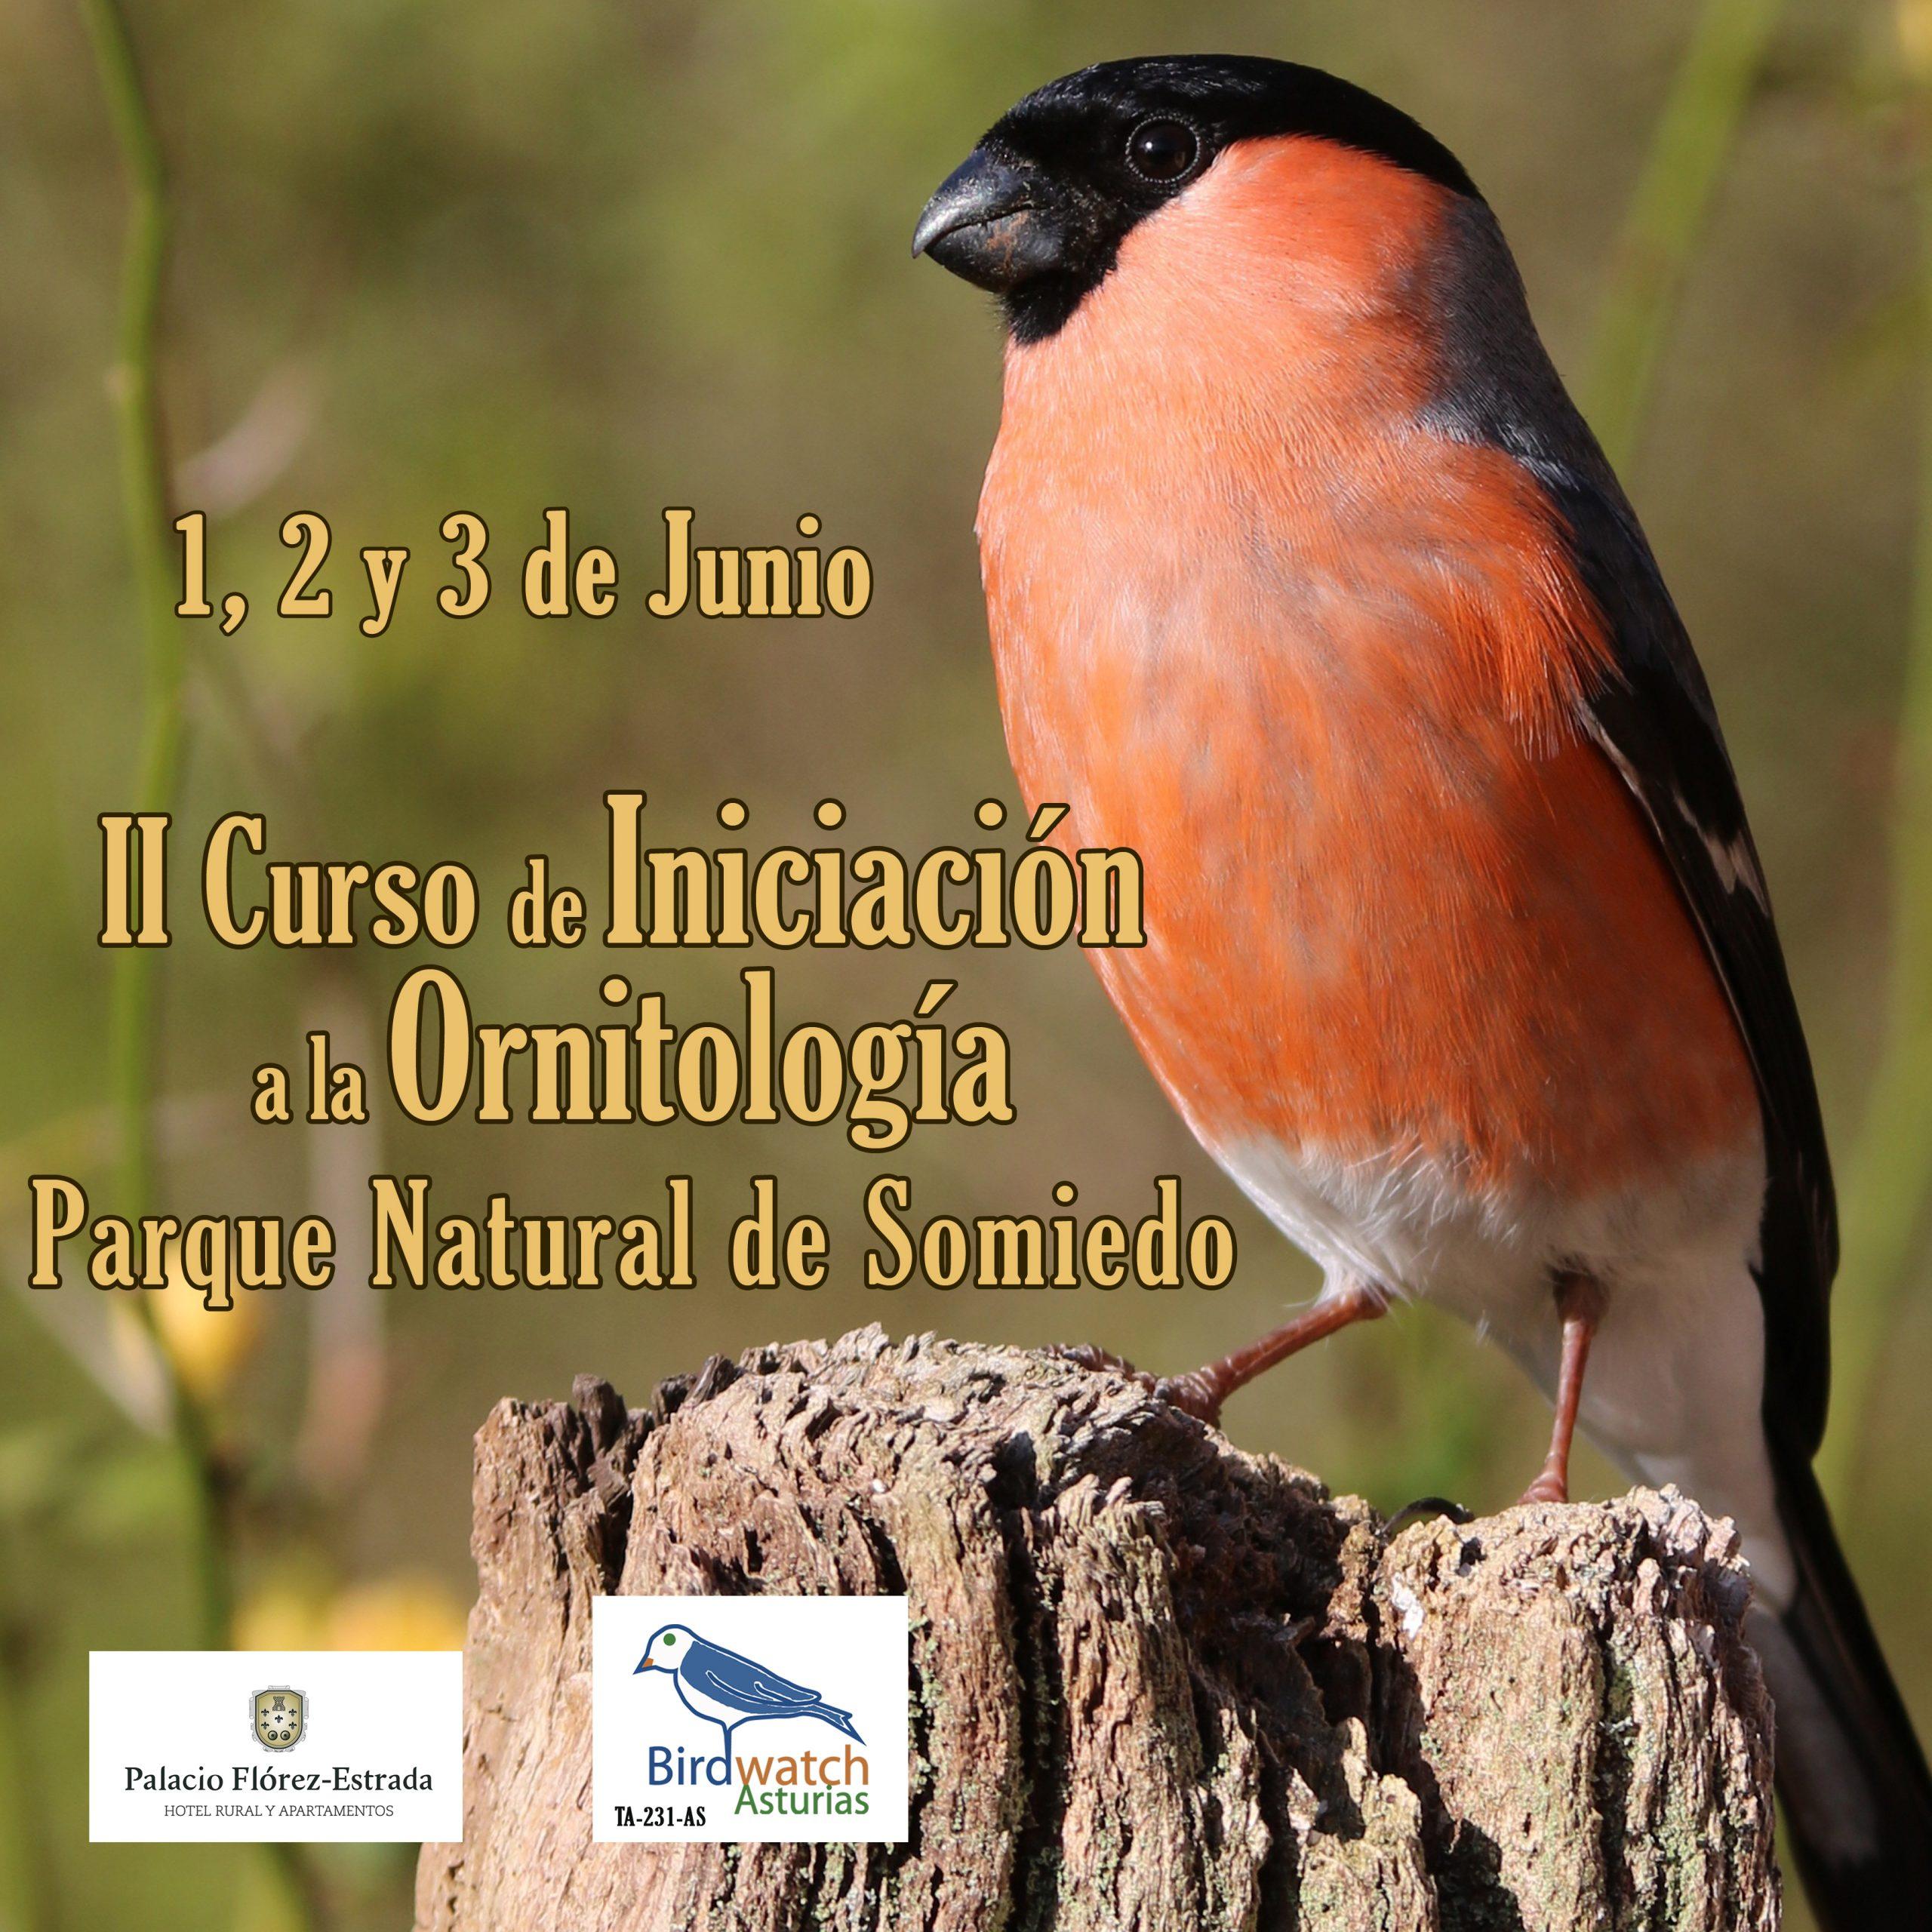 2º Curso de iniciación a la ornitología en Somiedo